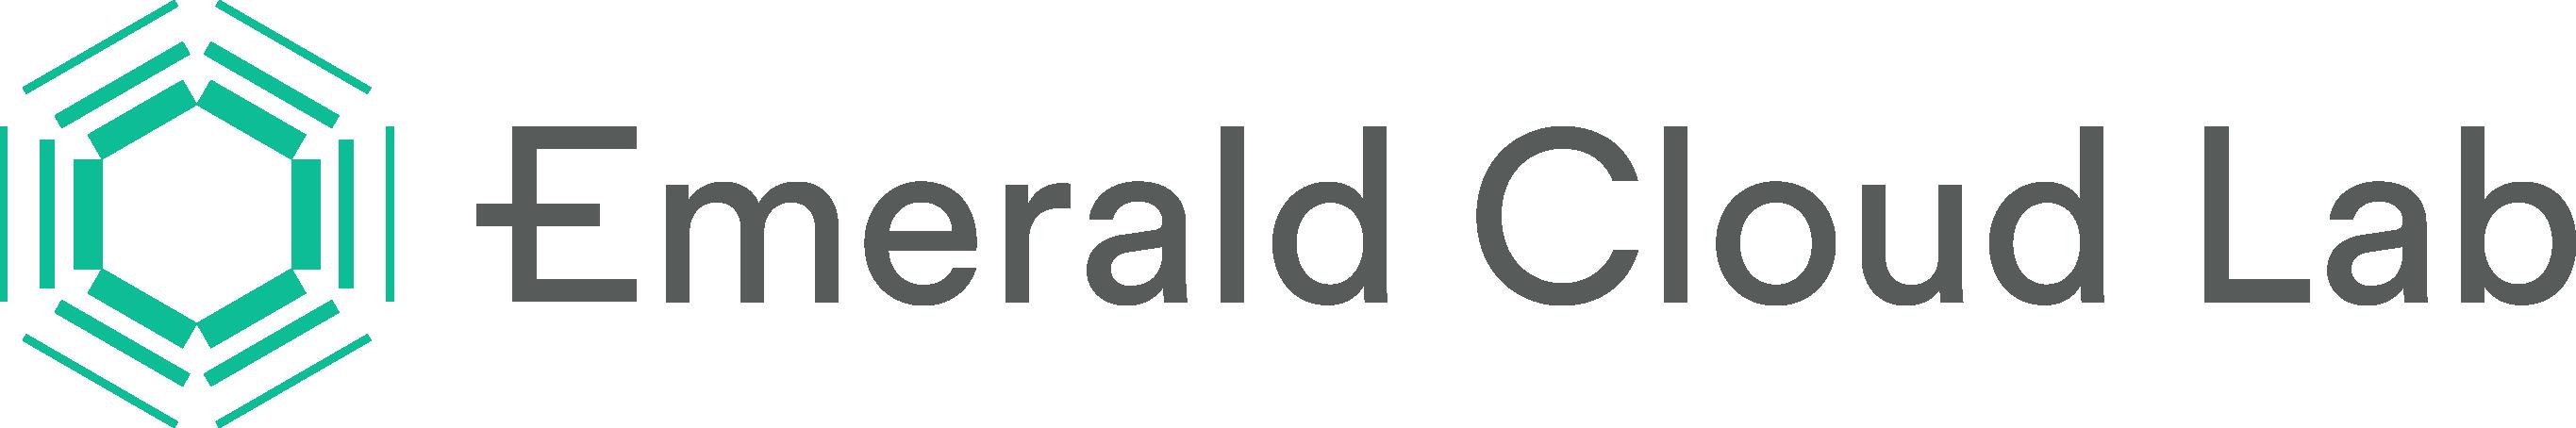 Emerald Cloud Lab logo